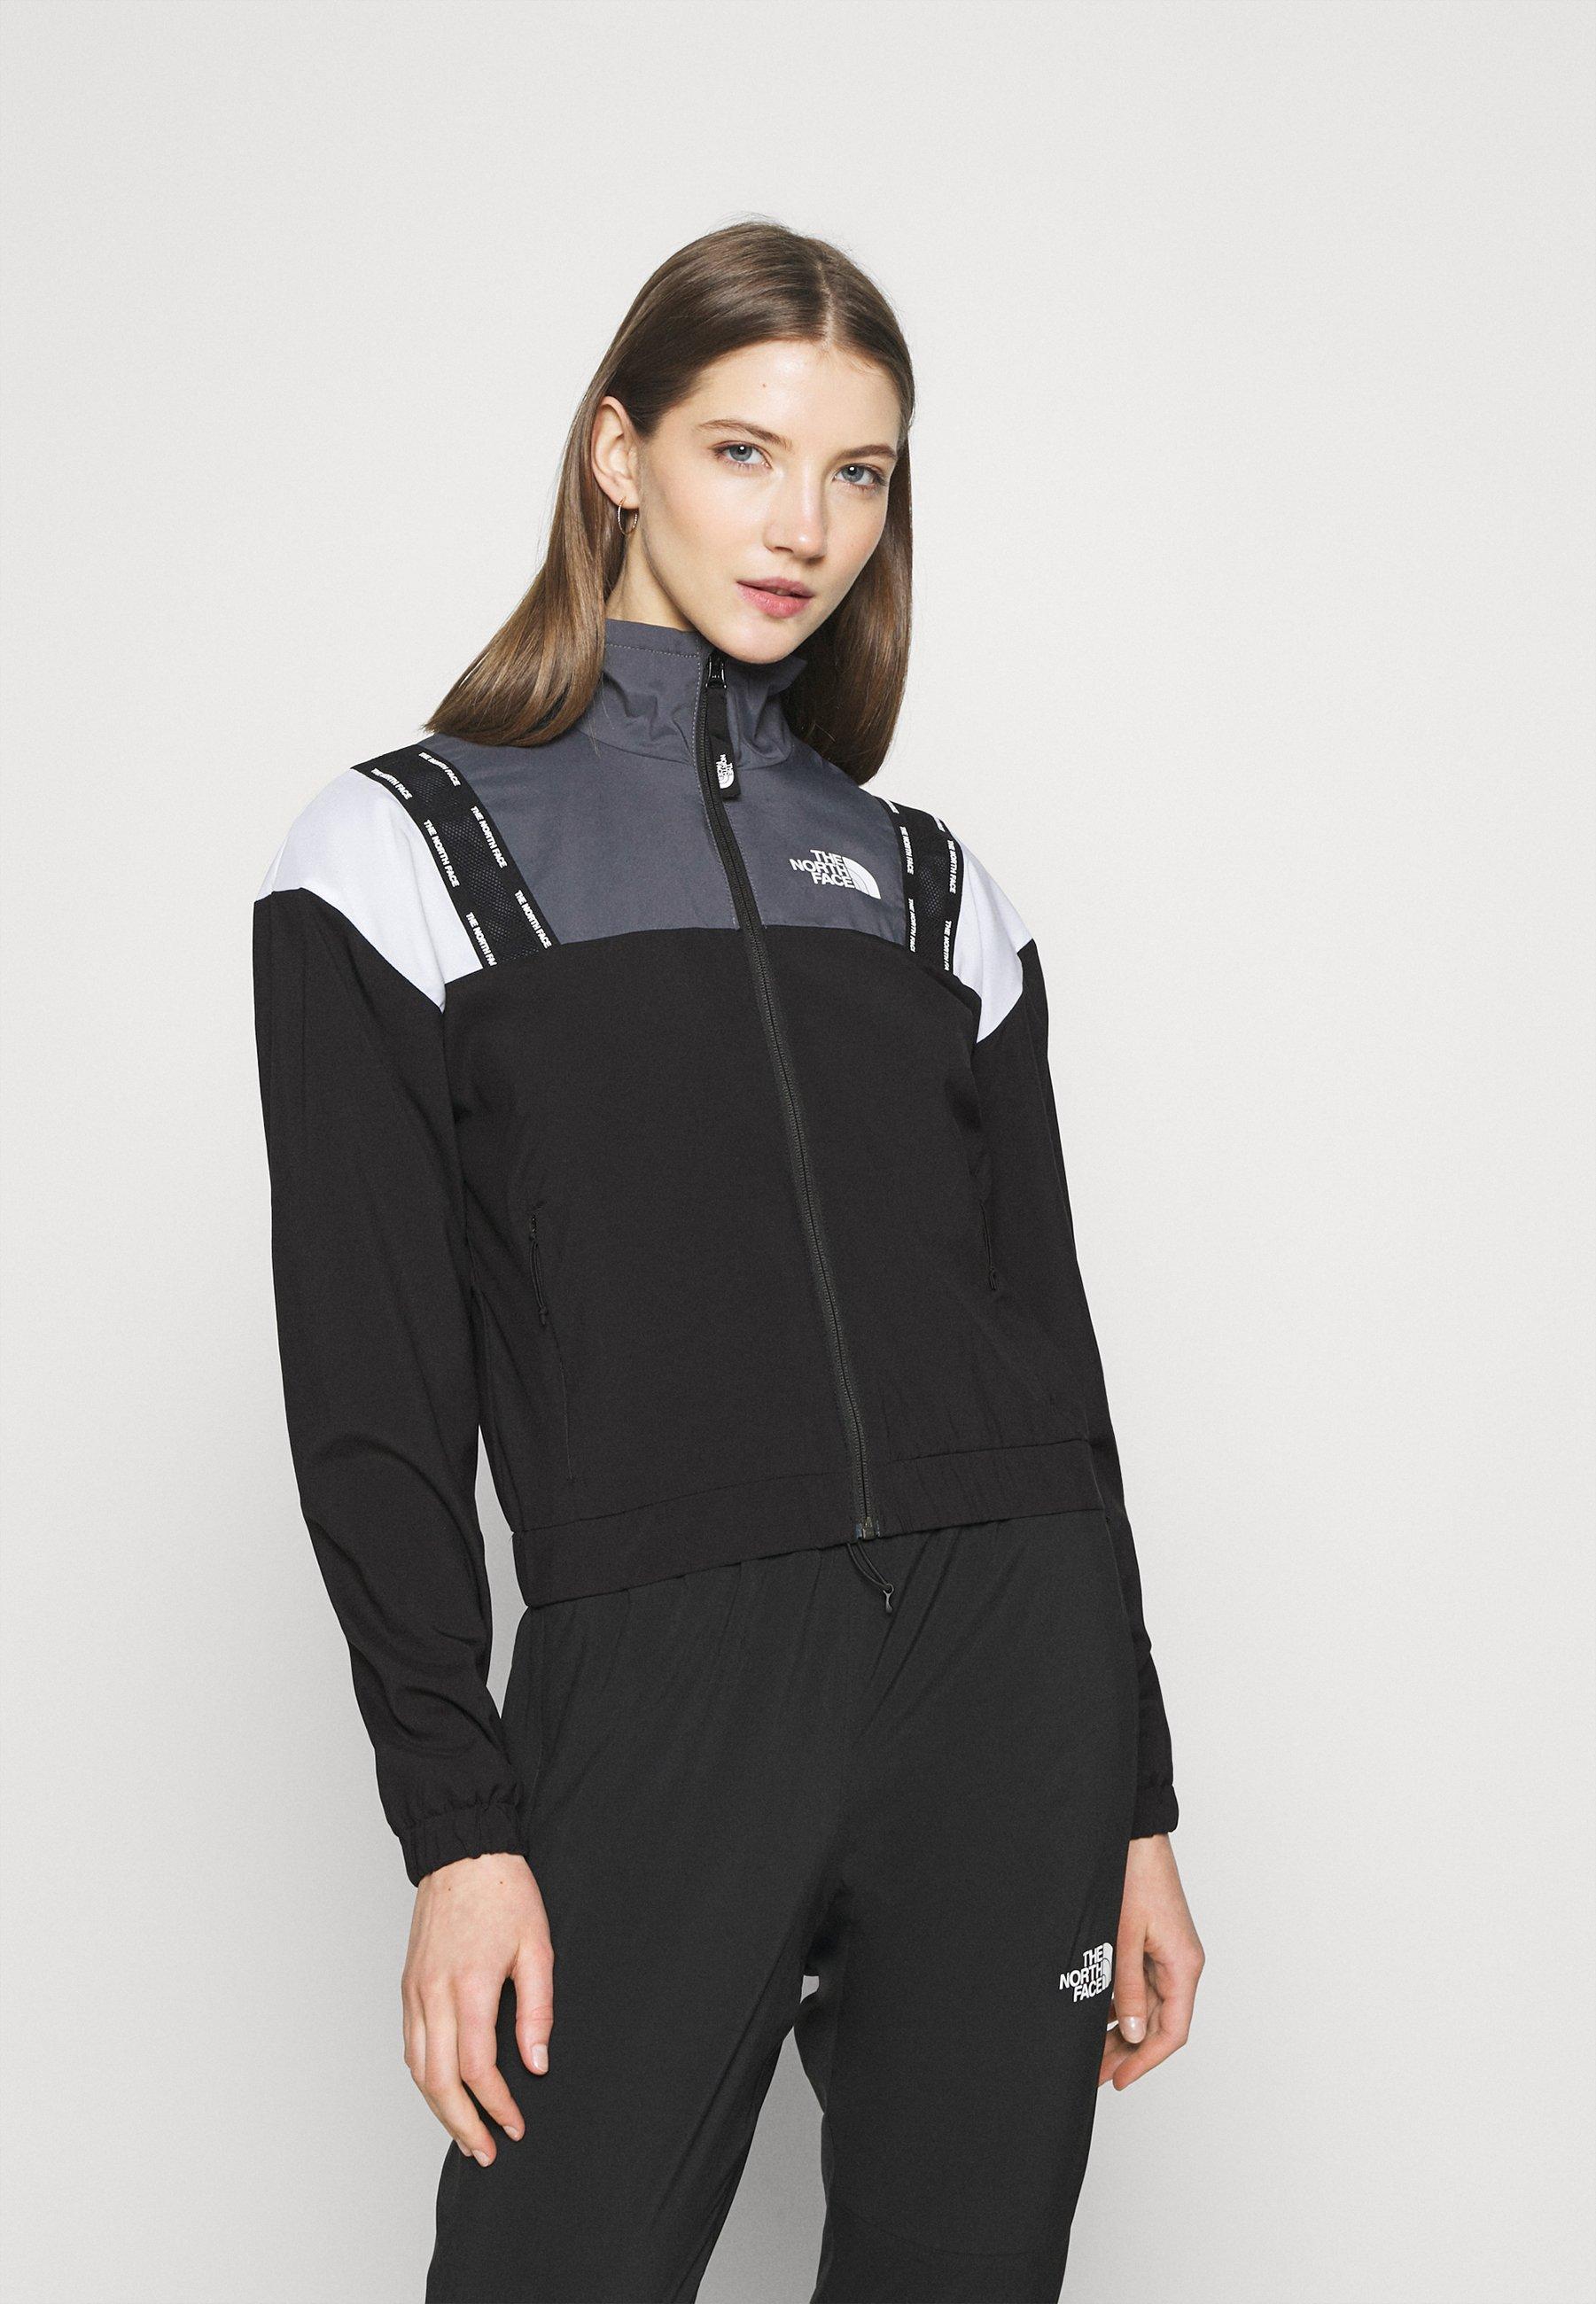 Women WIND JACKET - Training jacket